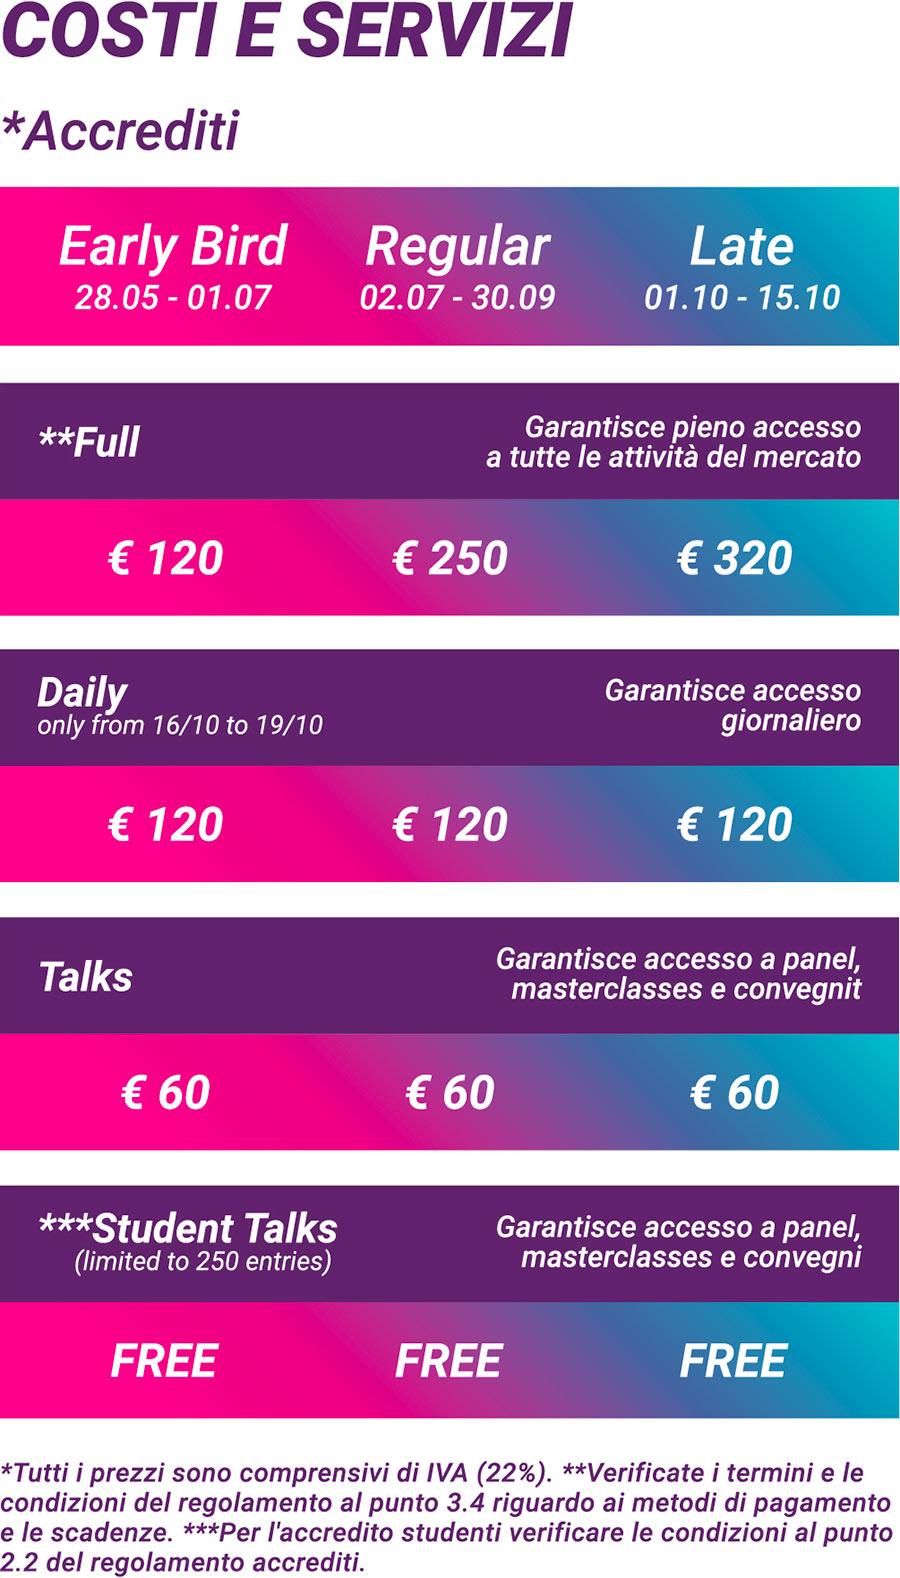 MIA 2019 - Costi e servizi